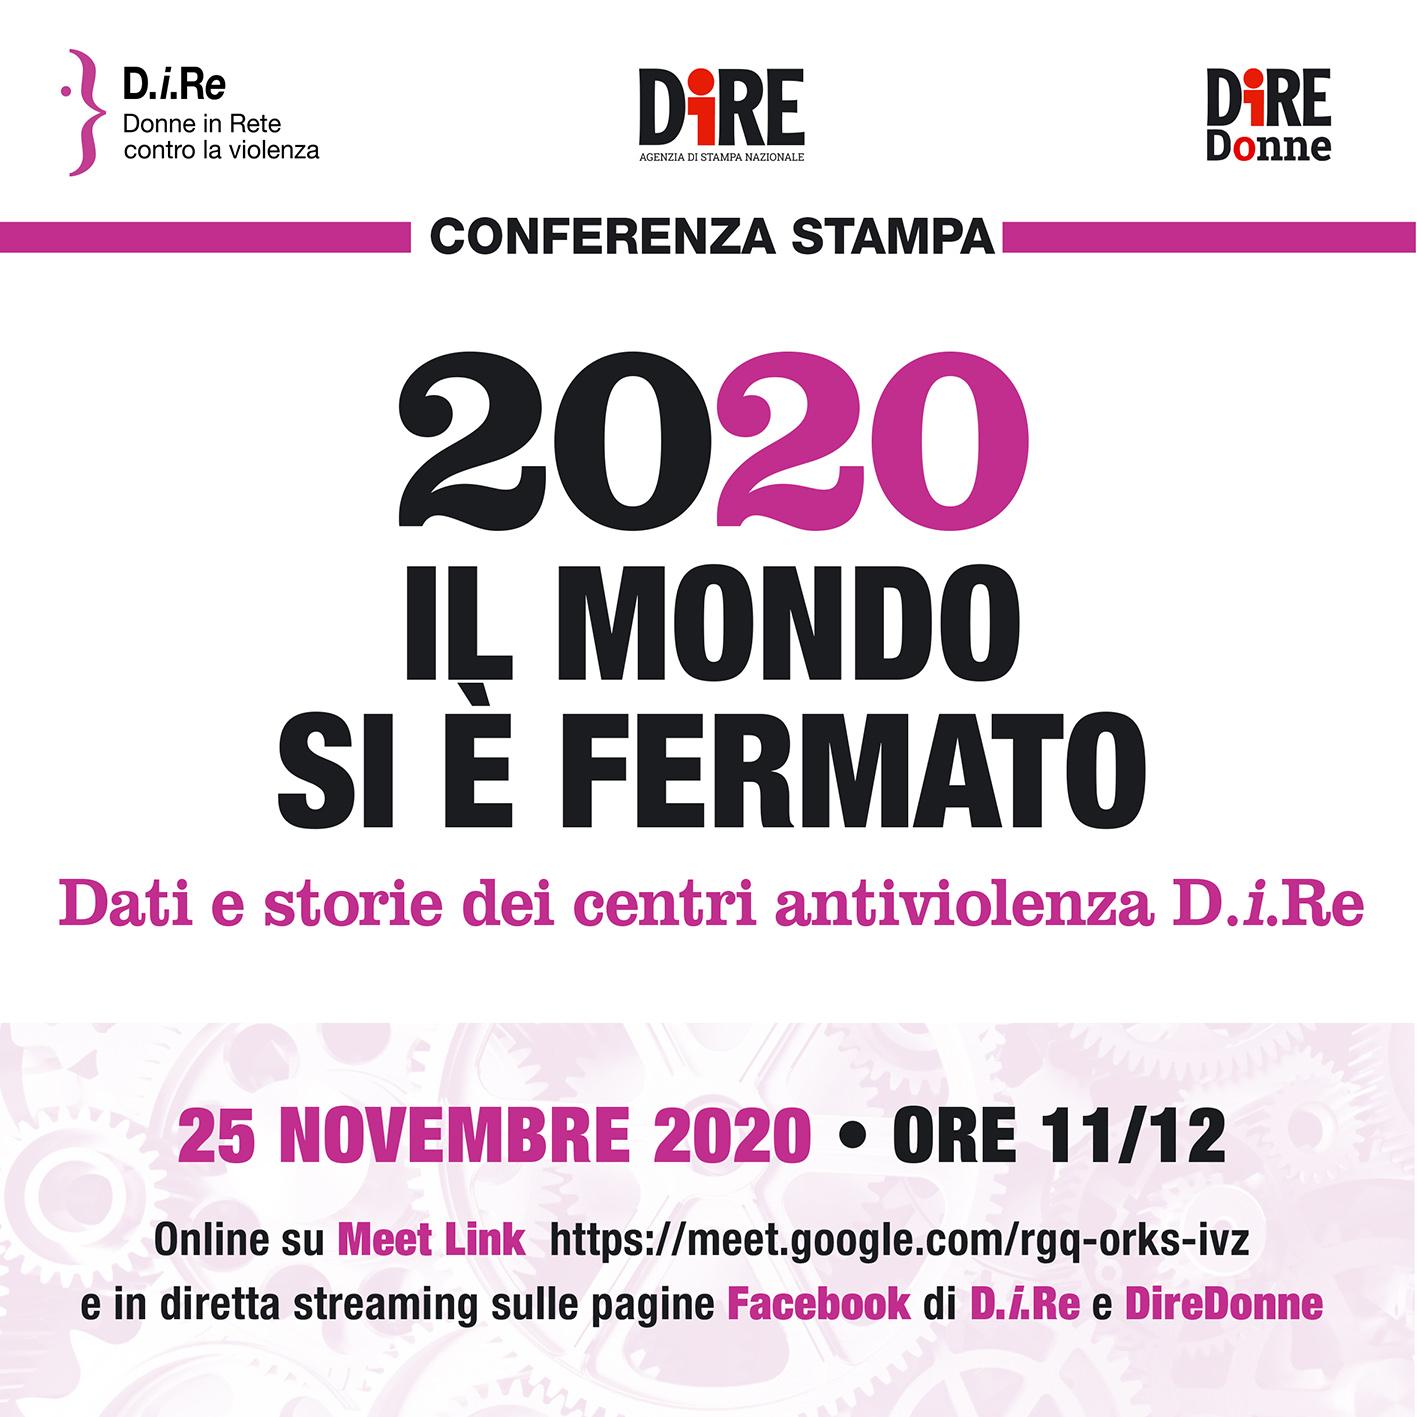 25 novembre - Conferenza stampa D.i.Re - 2020. Il mondo si è fermato. Dati e storie dai centri antiviolenza D.i.Re